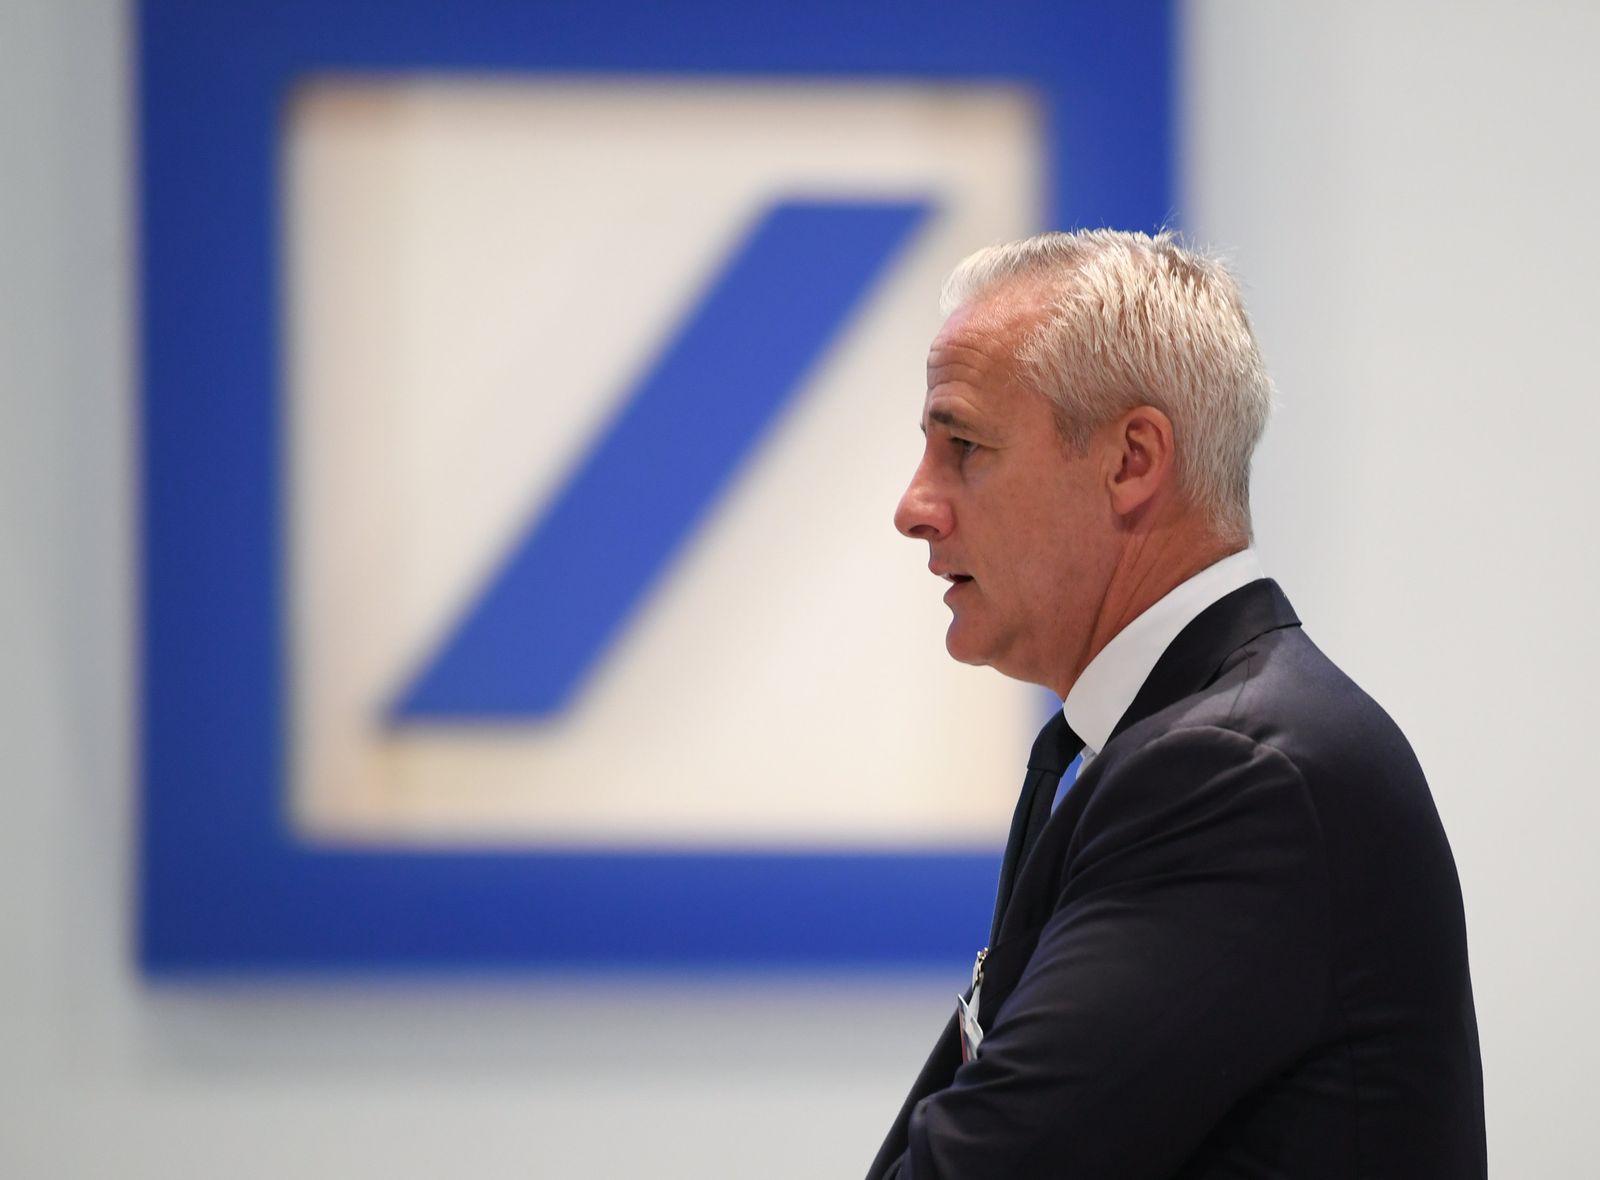 Deutsche Bank - Garth Ritchie